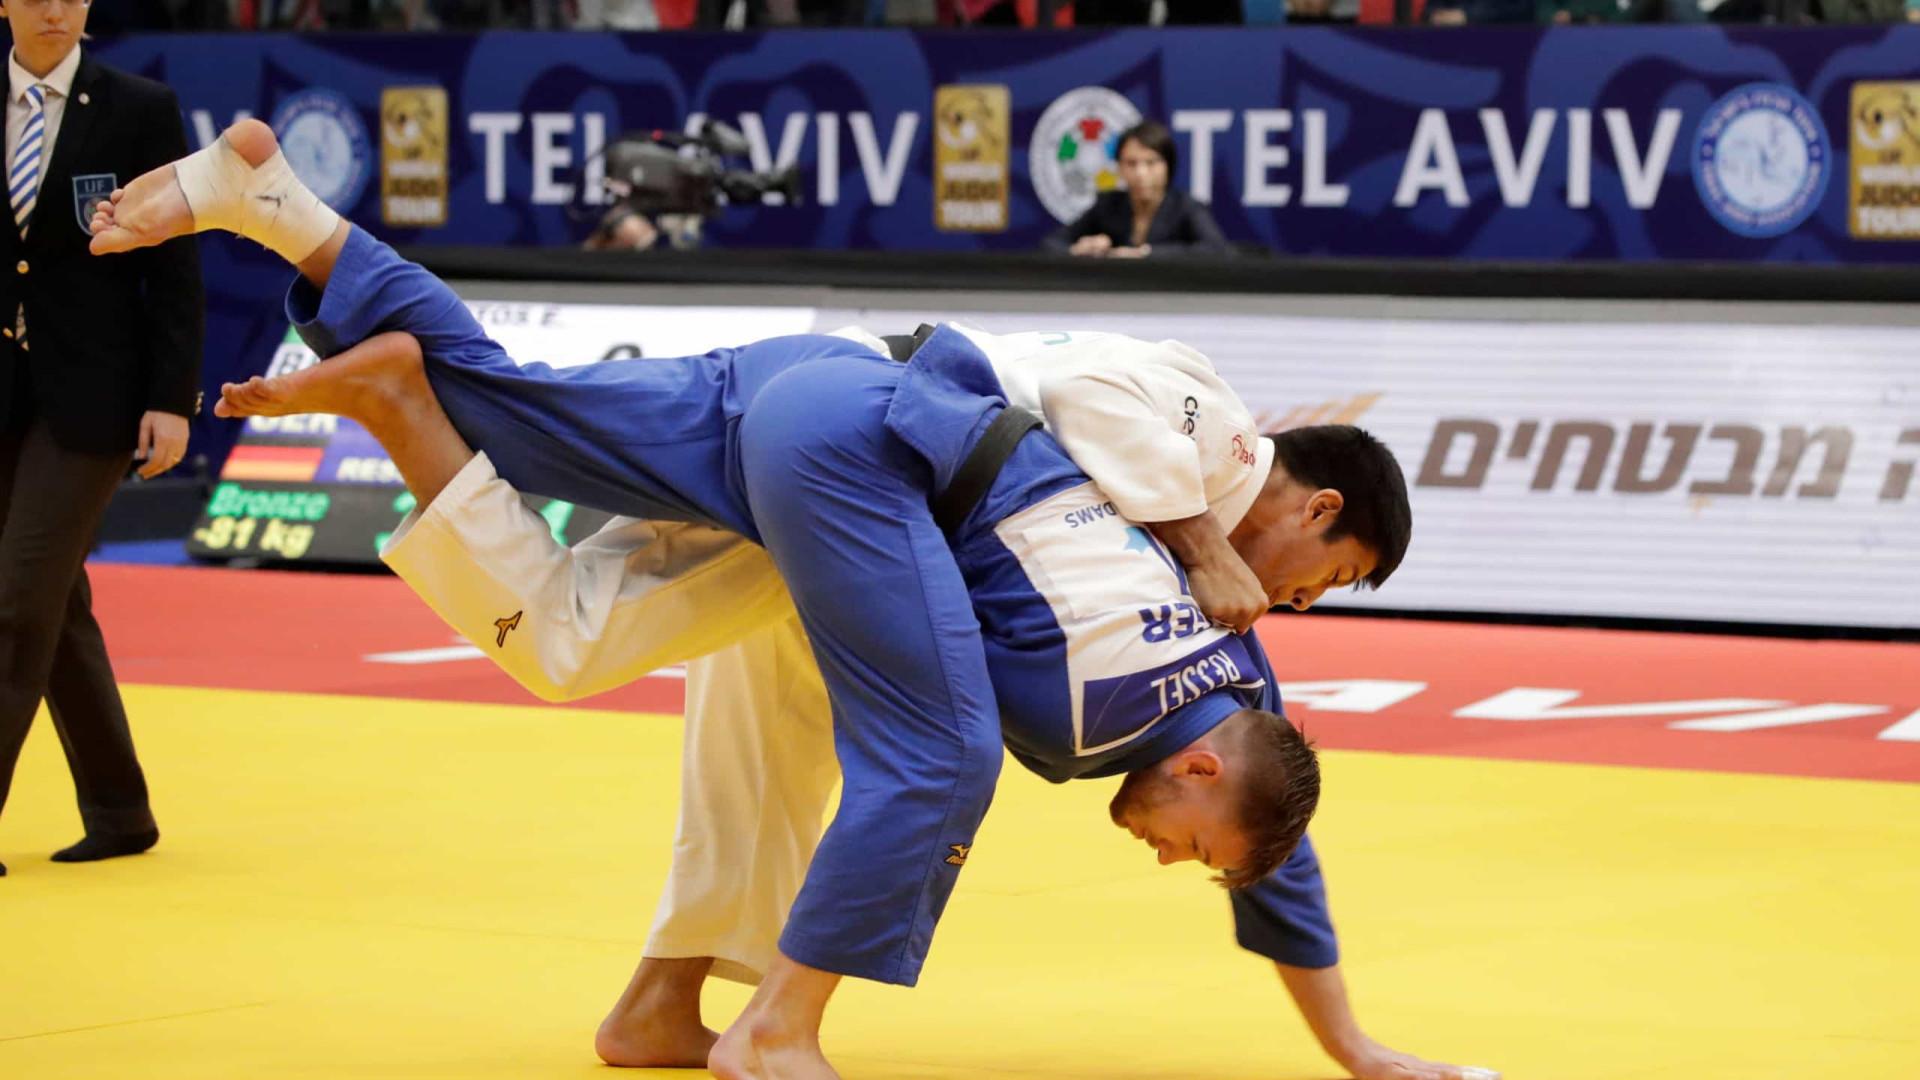 Sorteio define duelos no judô: veja quem os brasileiros enfrentam em Tóquio-2020